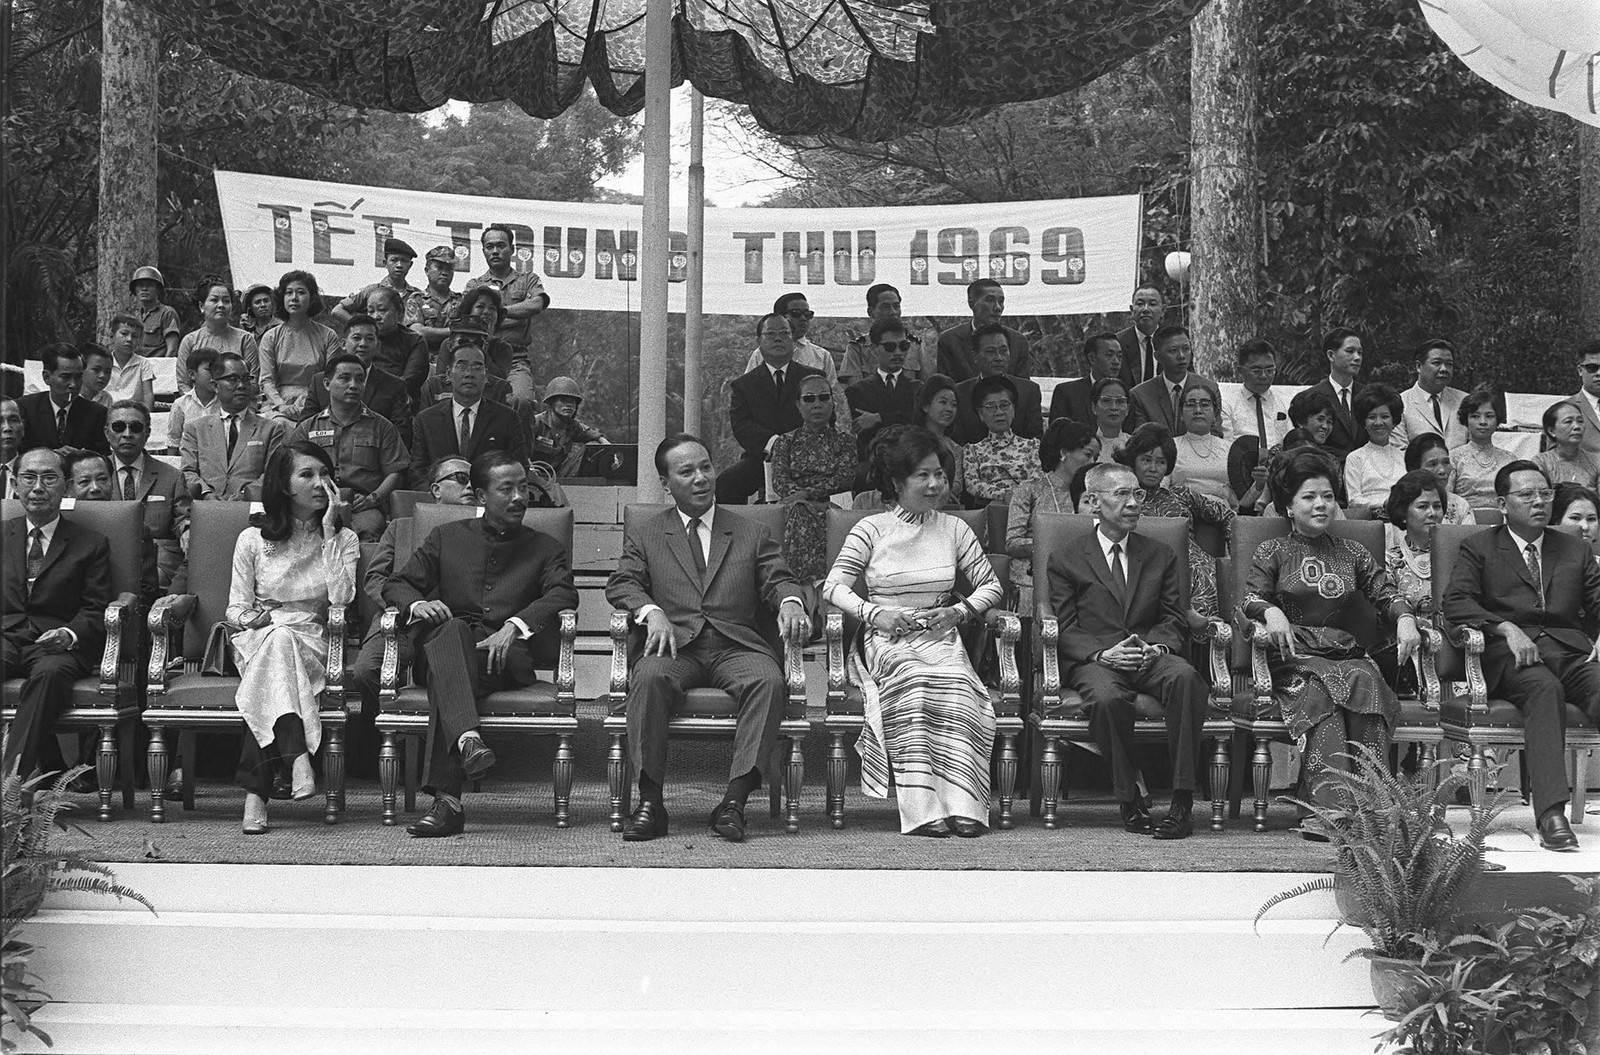 Tết Trung Thu 1969 - Các nhà lãnh đạo VNCH vui tết Trung thu với thiếu nhi tại vườn Tao Đàn Saigon